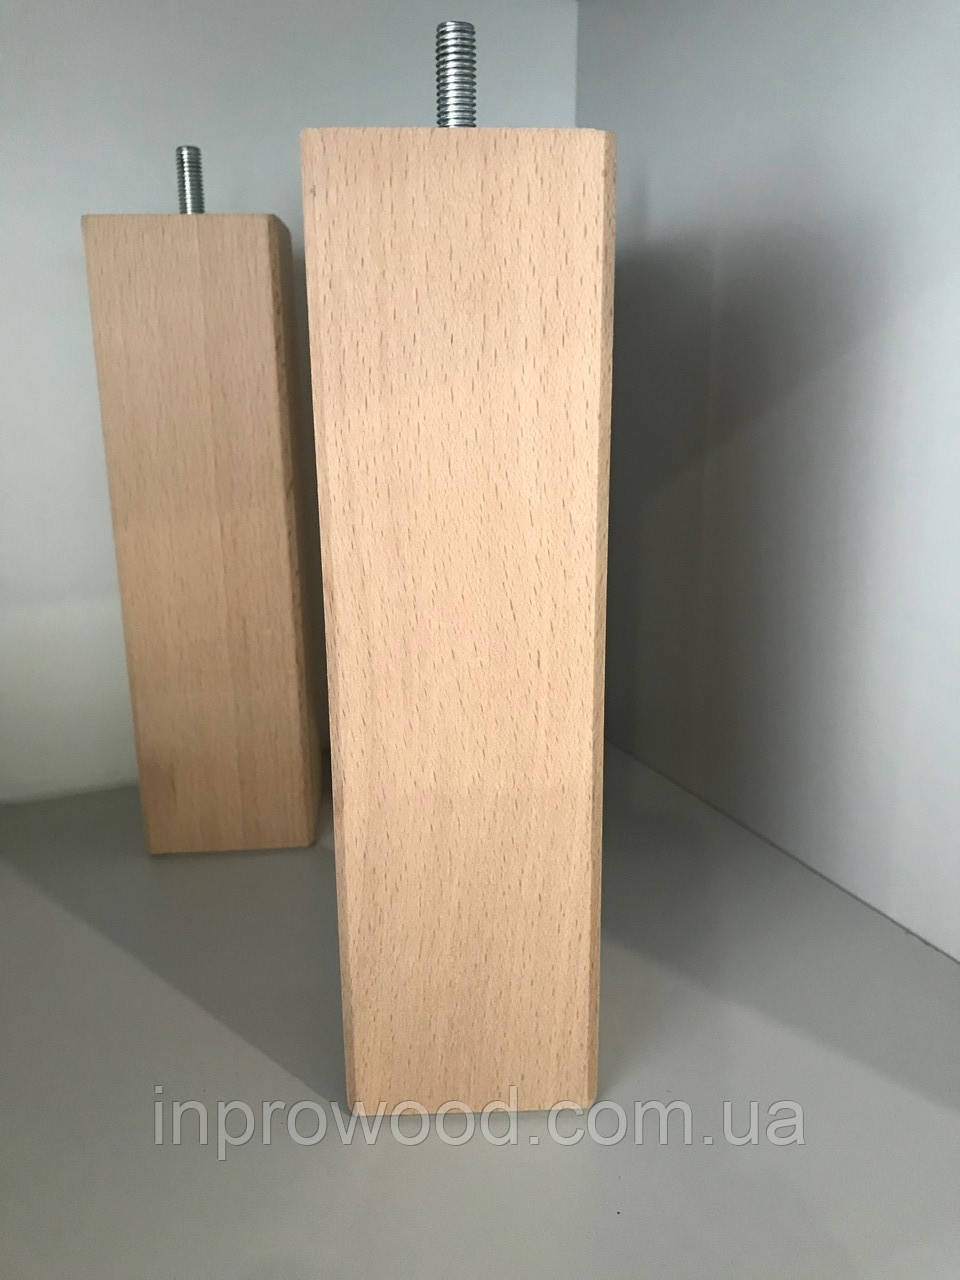 Деревянная мебельная ножка, мебельная опора БУК 200 мм квадратная